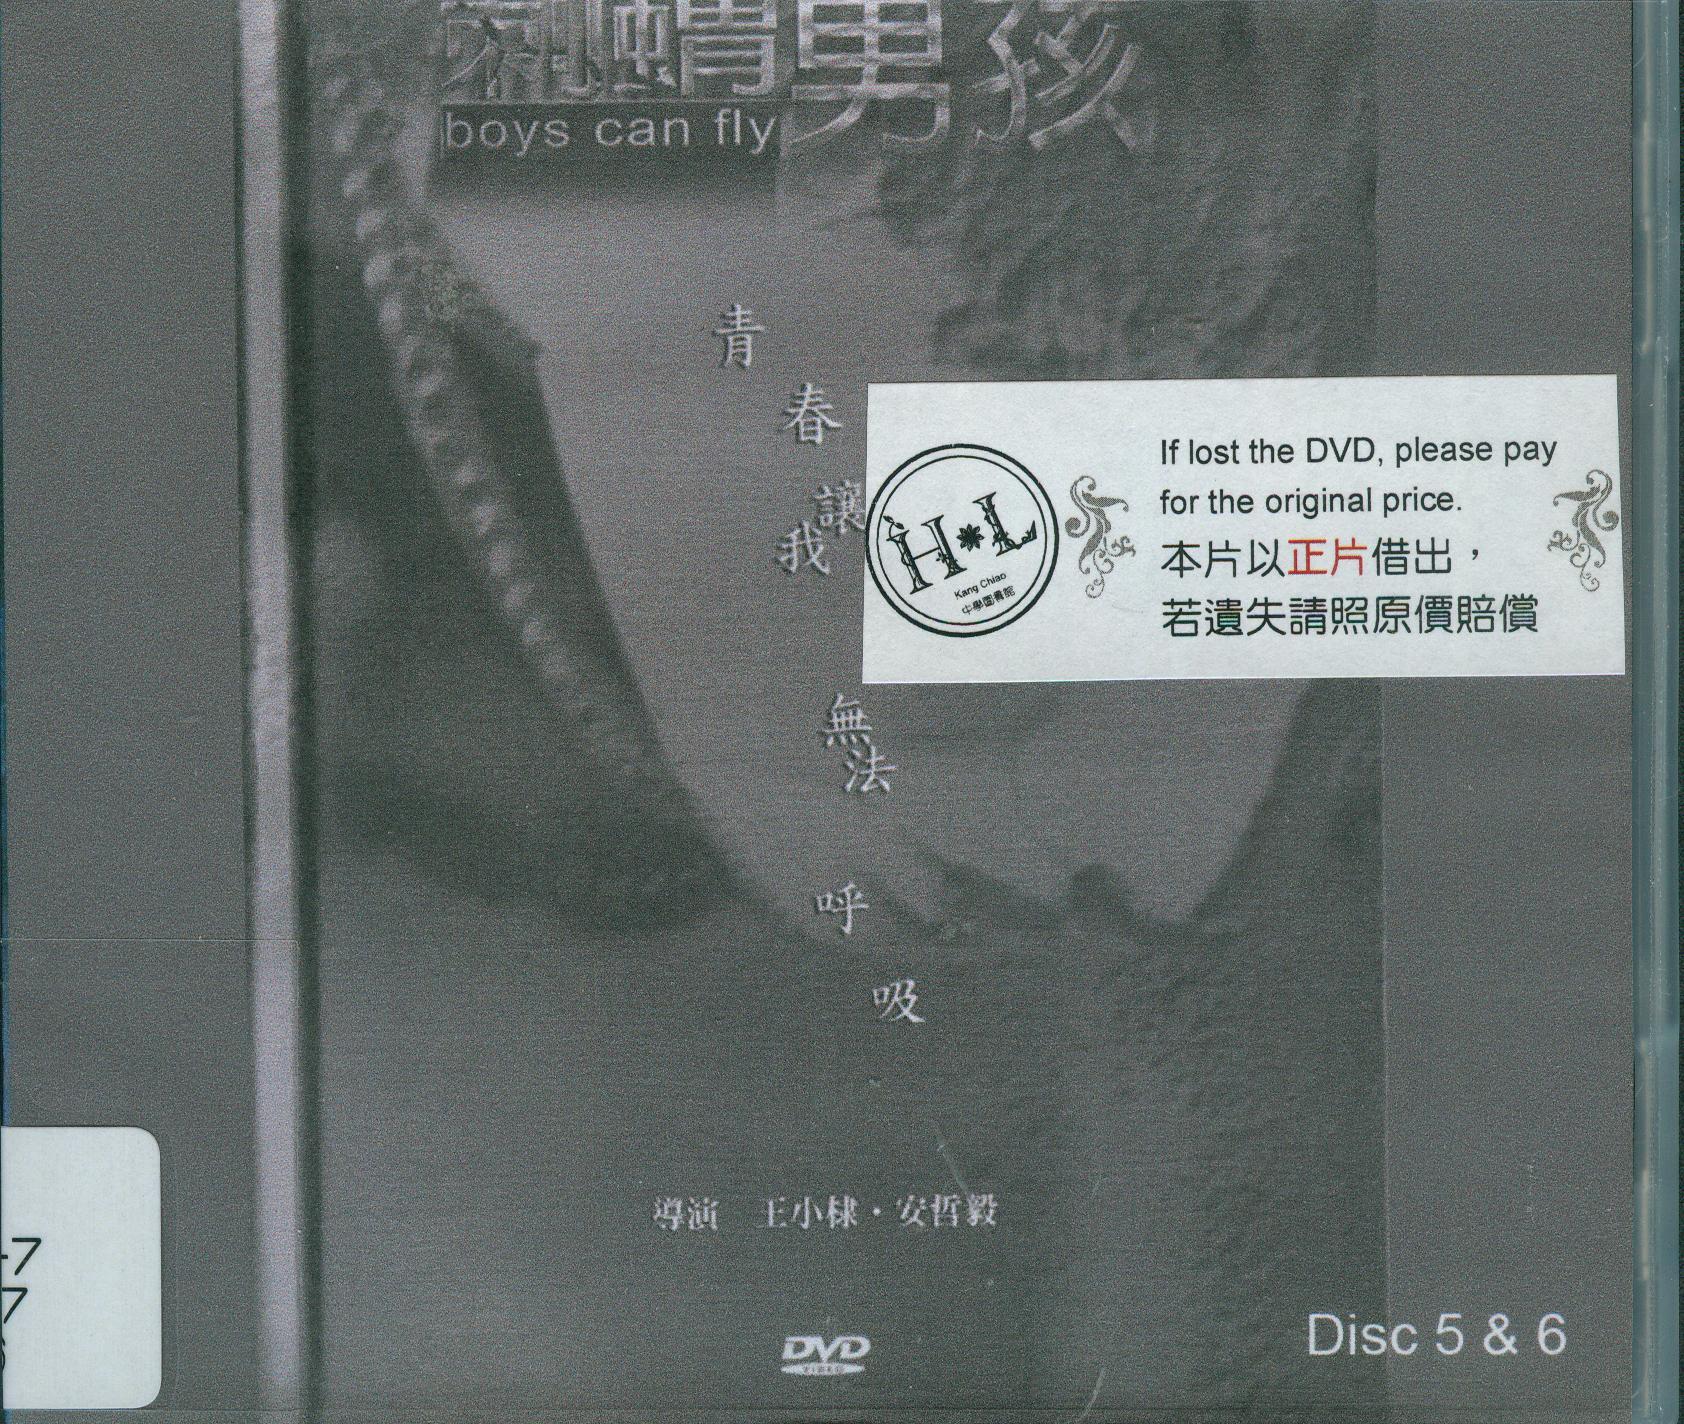 刺蝟男孩[輔導級:劇情] : Boys can fly